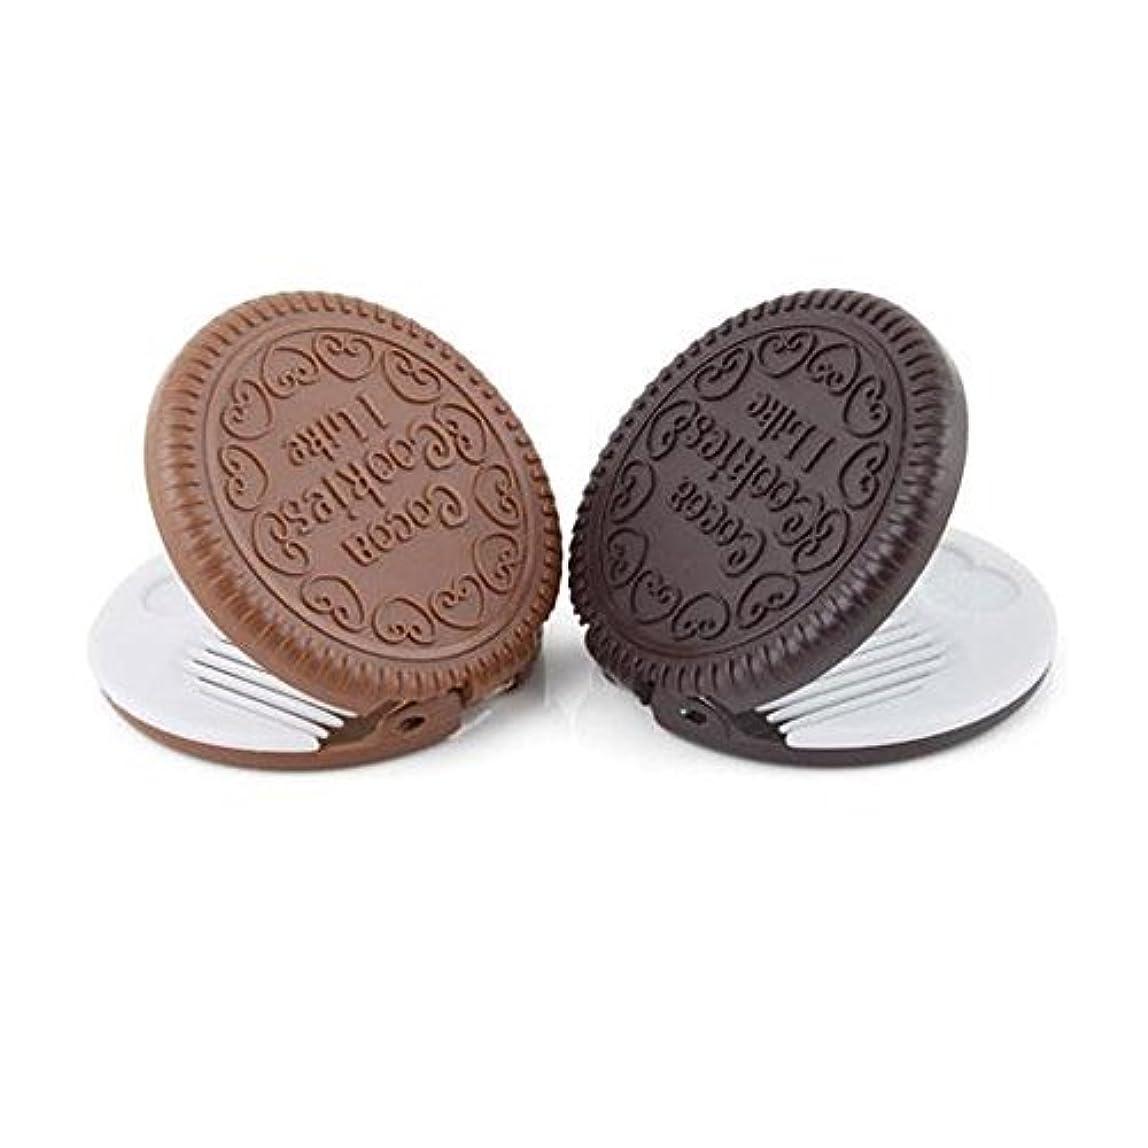 黒板アプライアンス二次yueton Pack of 2 Mini Pocket Chocolate Cookie Compact Mirror with Comb [並行輸入品]